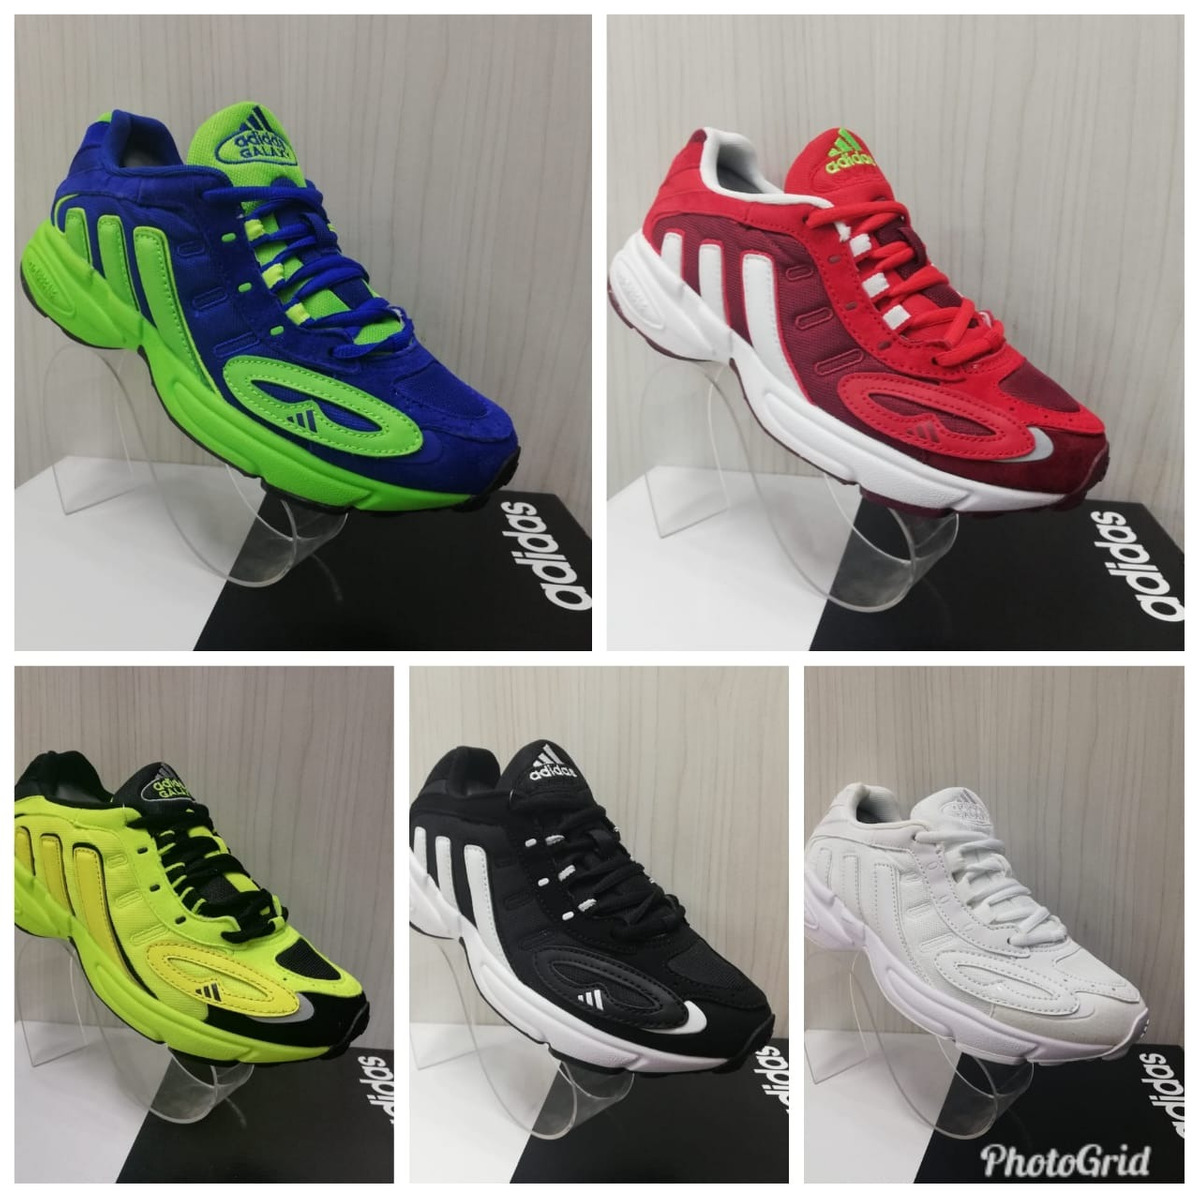 65962bf96 Tenis Zapatillas Hombre Y Mujer En Todas Las Marcas -   110.000 en ...